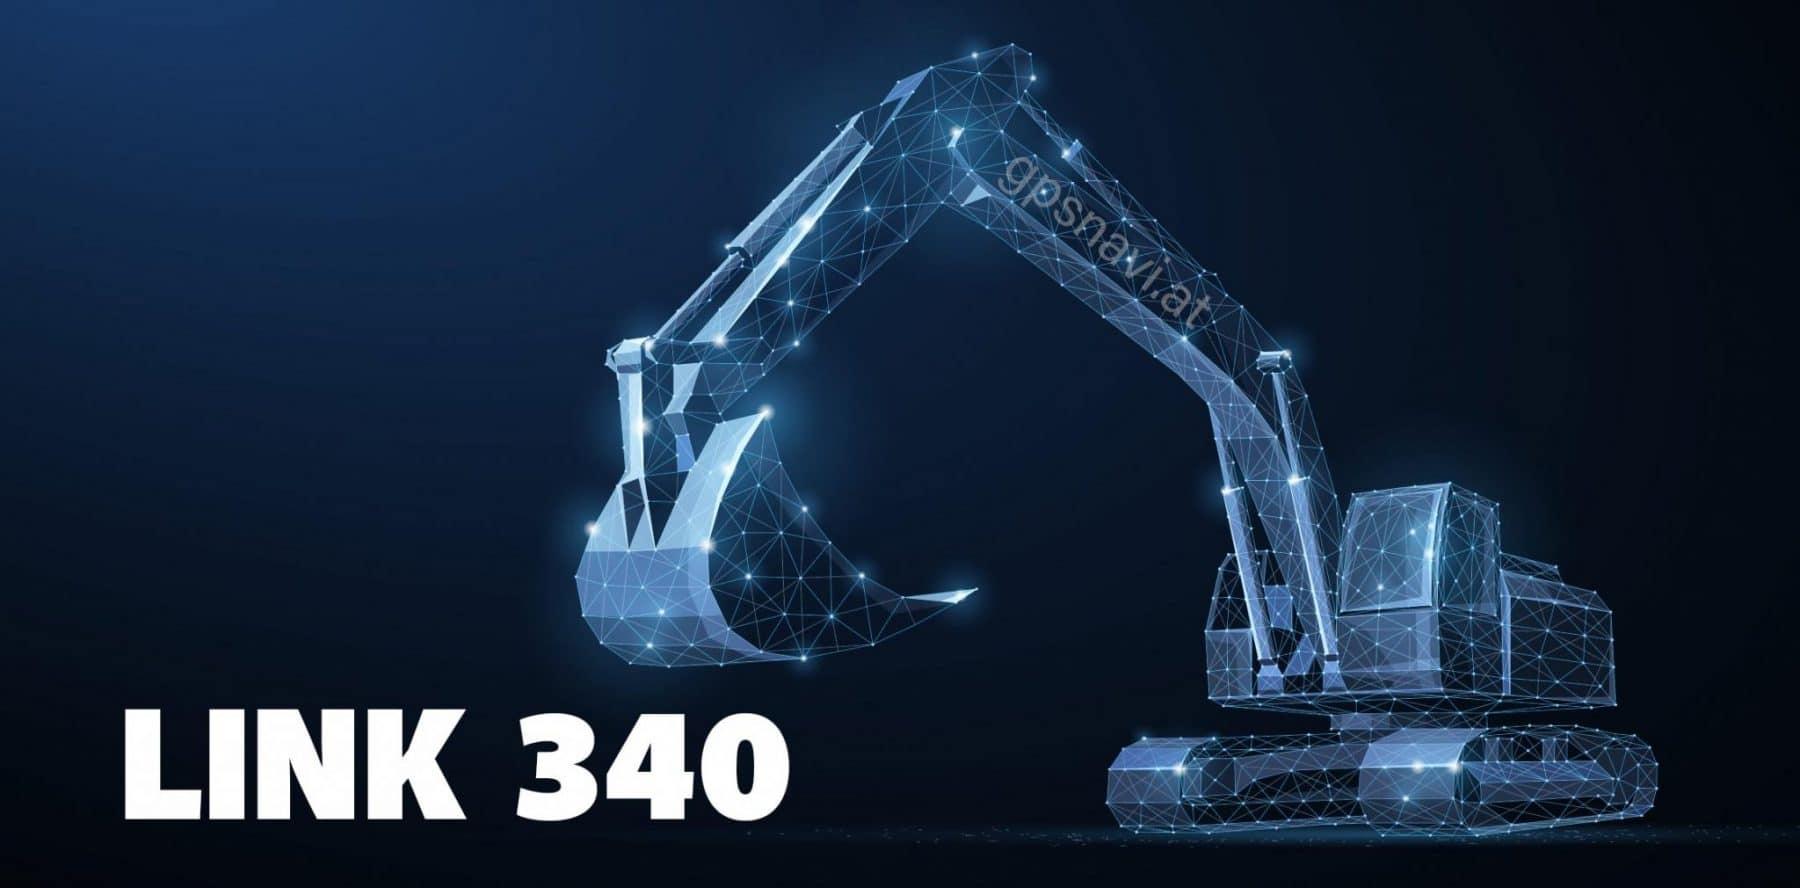 LINK 340 Baumaschinenortung